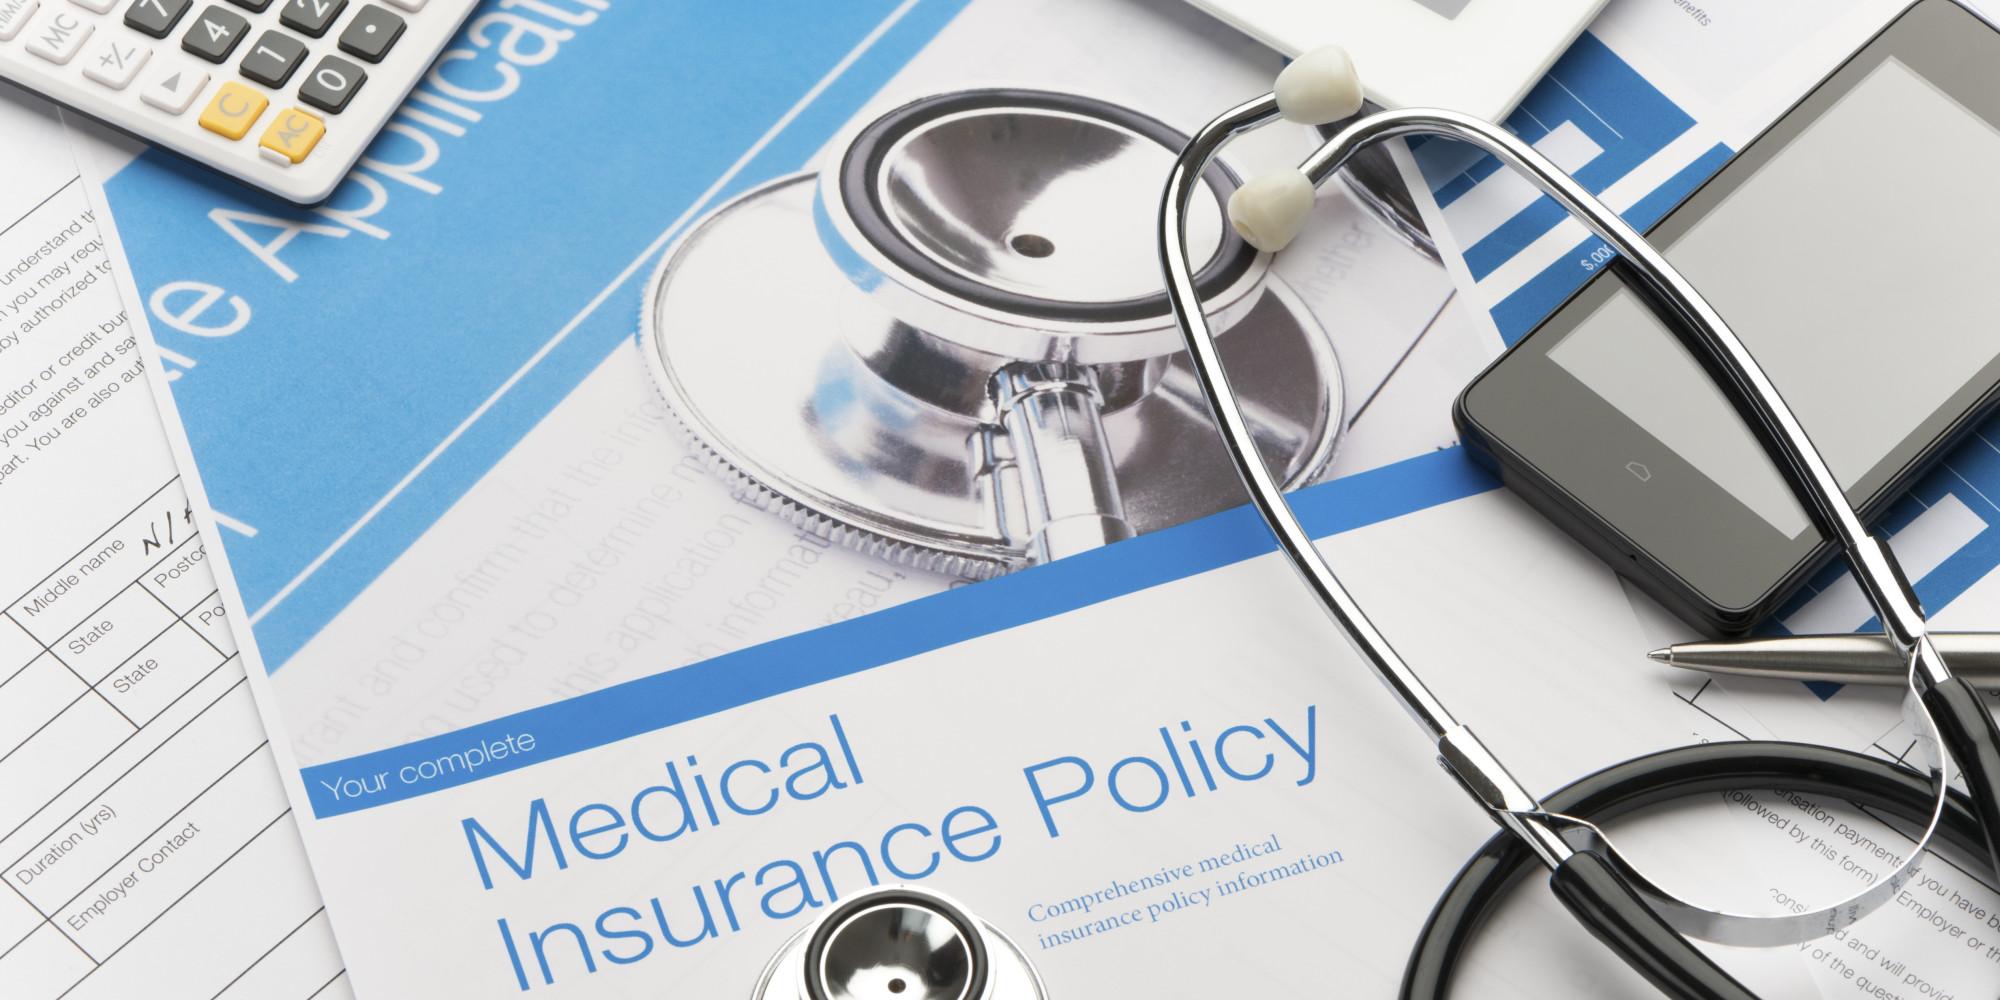 medical-insurance-in-india.jpg